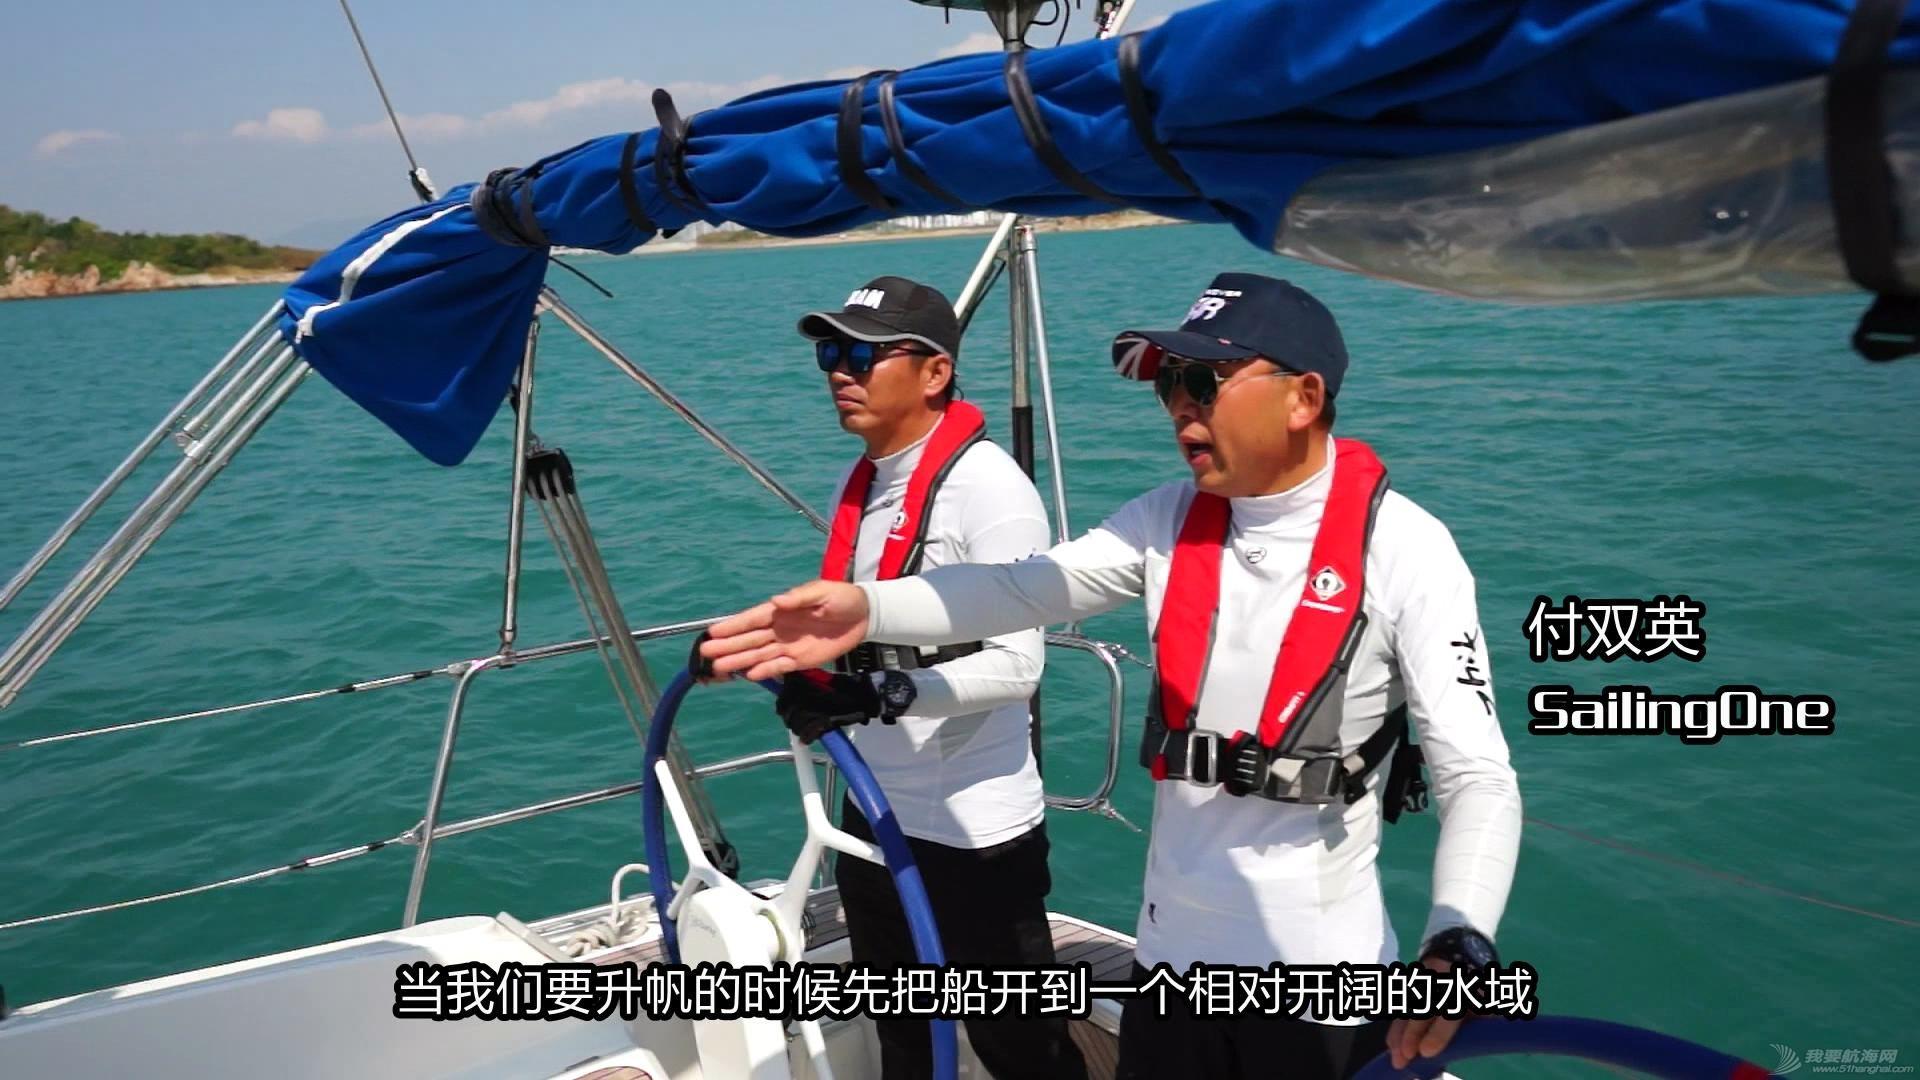 SailingOne凯发娱乐官网培训视频第五课《今天我们将成为舵手》